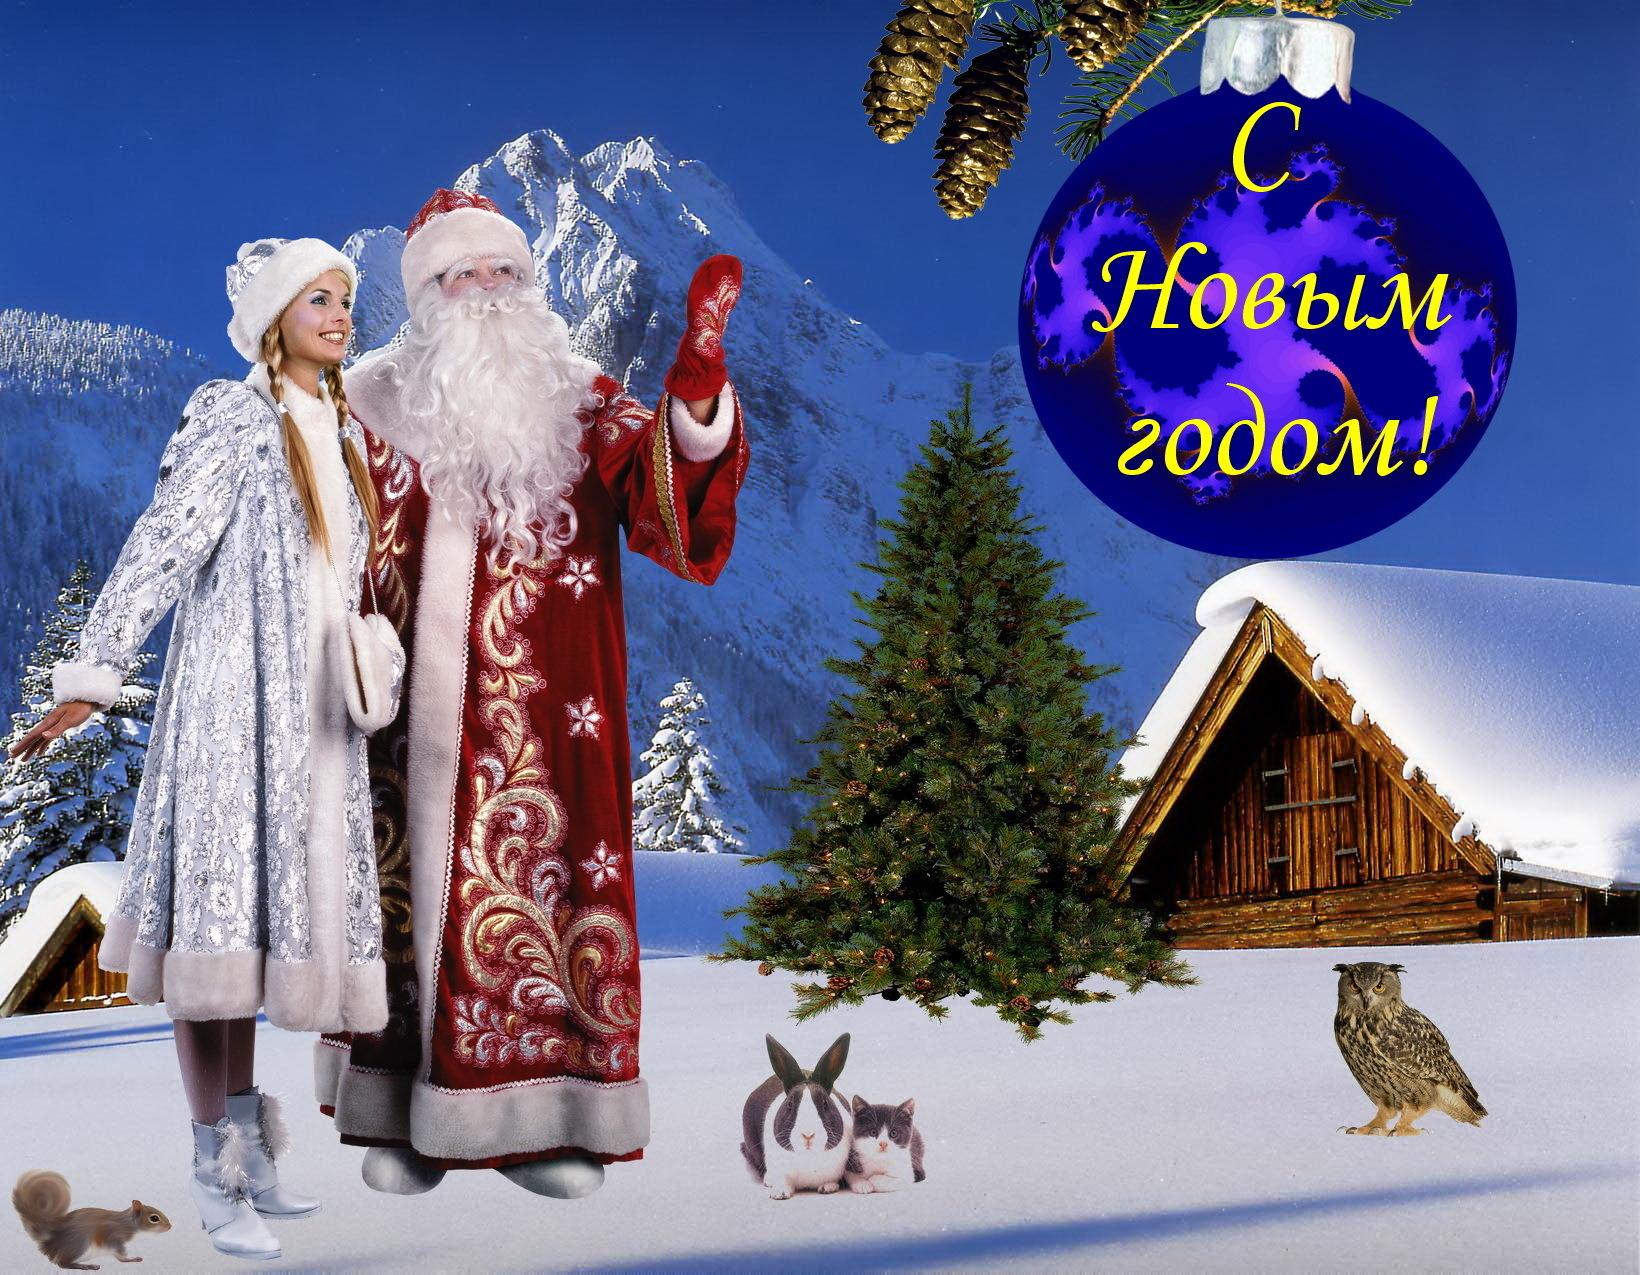 Дед Мороз и Снегурочка - C наступающим новым годом 2017 поздравительные картинки